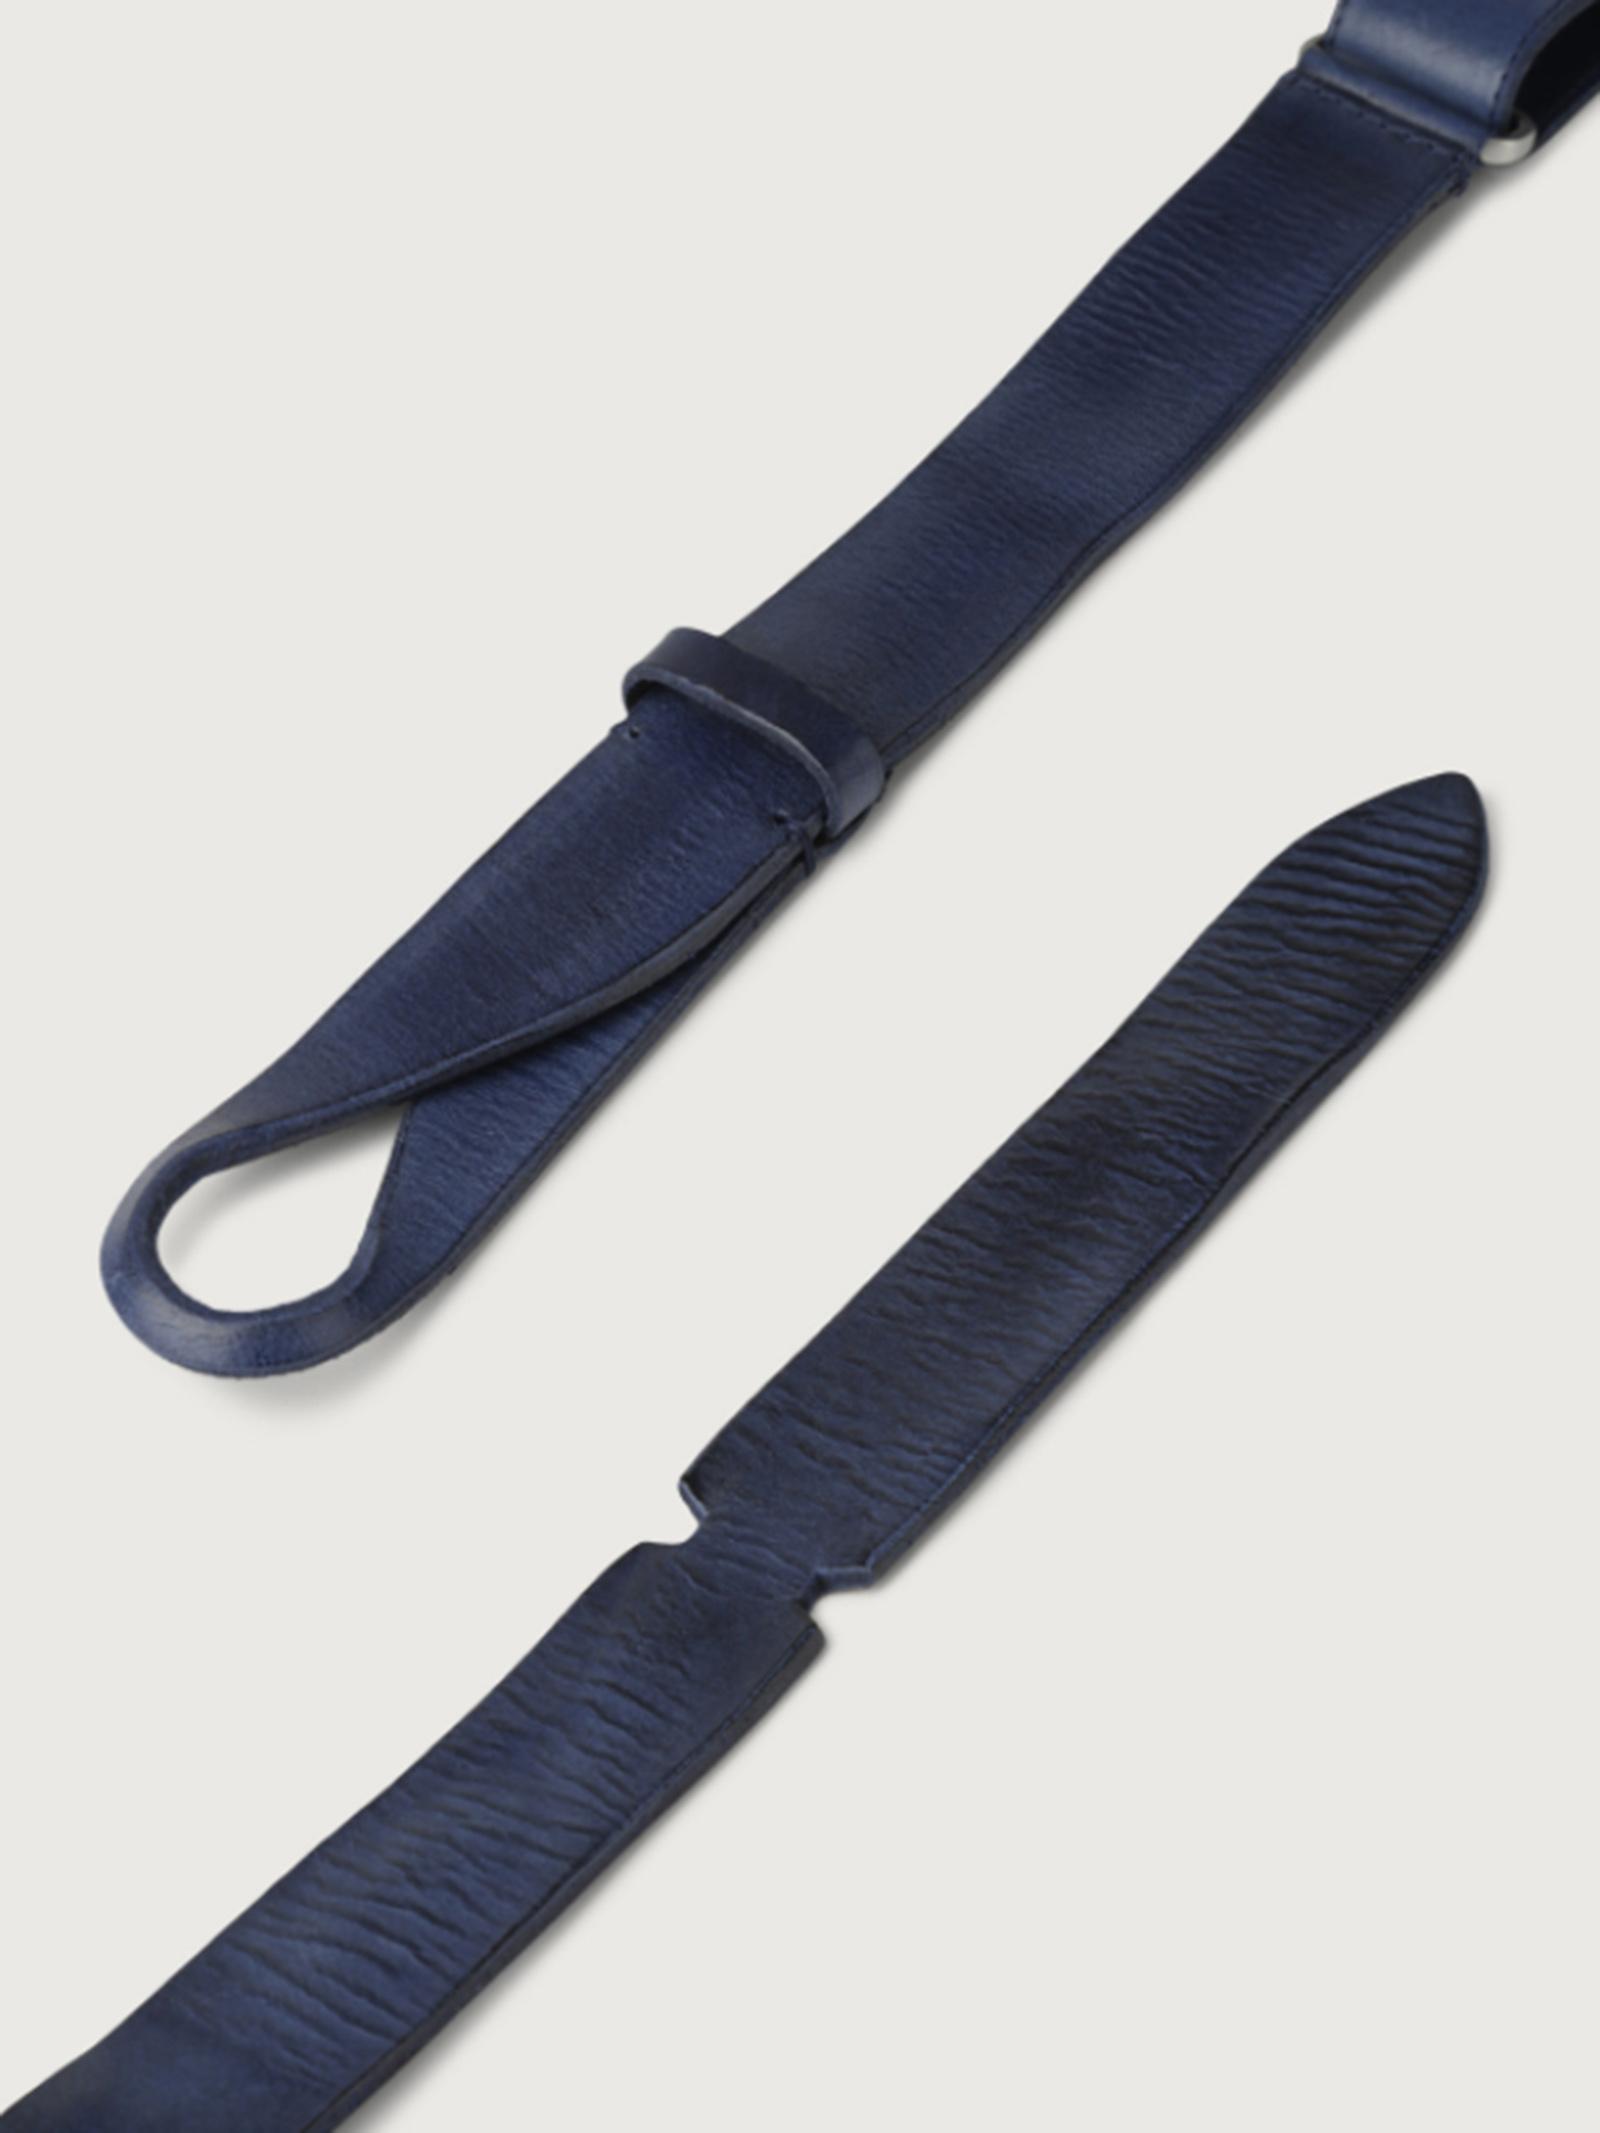 Cintura Nobuckle Dive in cuoio ORCIANI   Cintura   NB05 DIVEIRIS